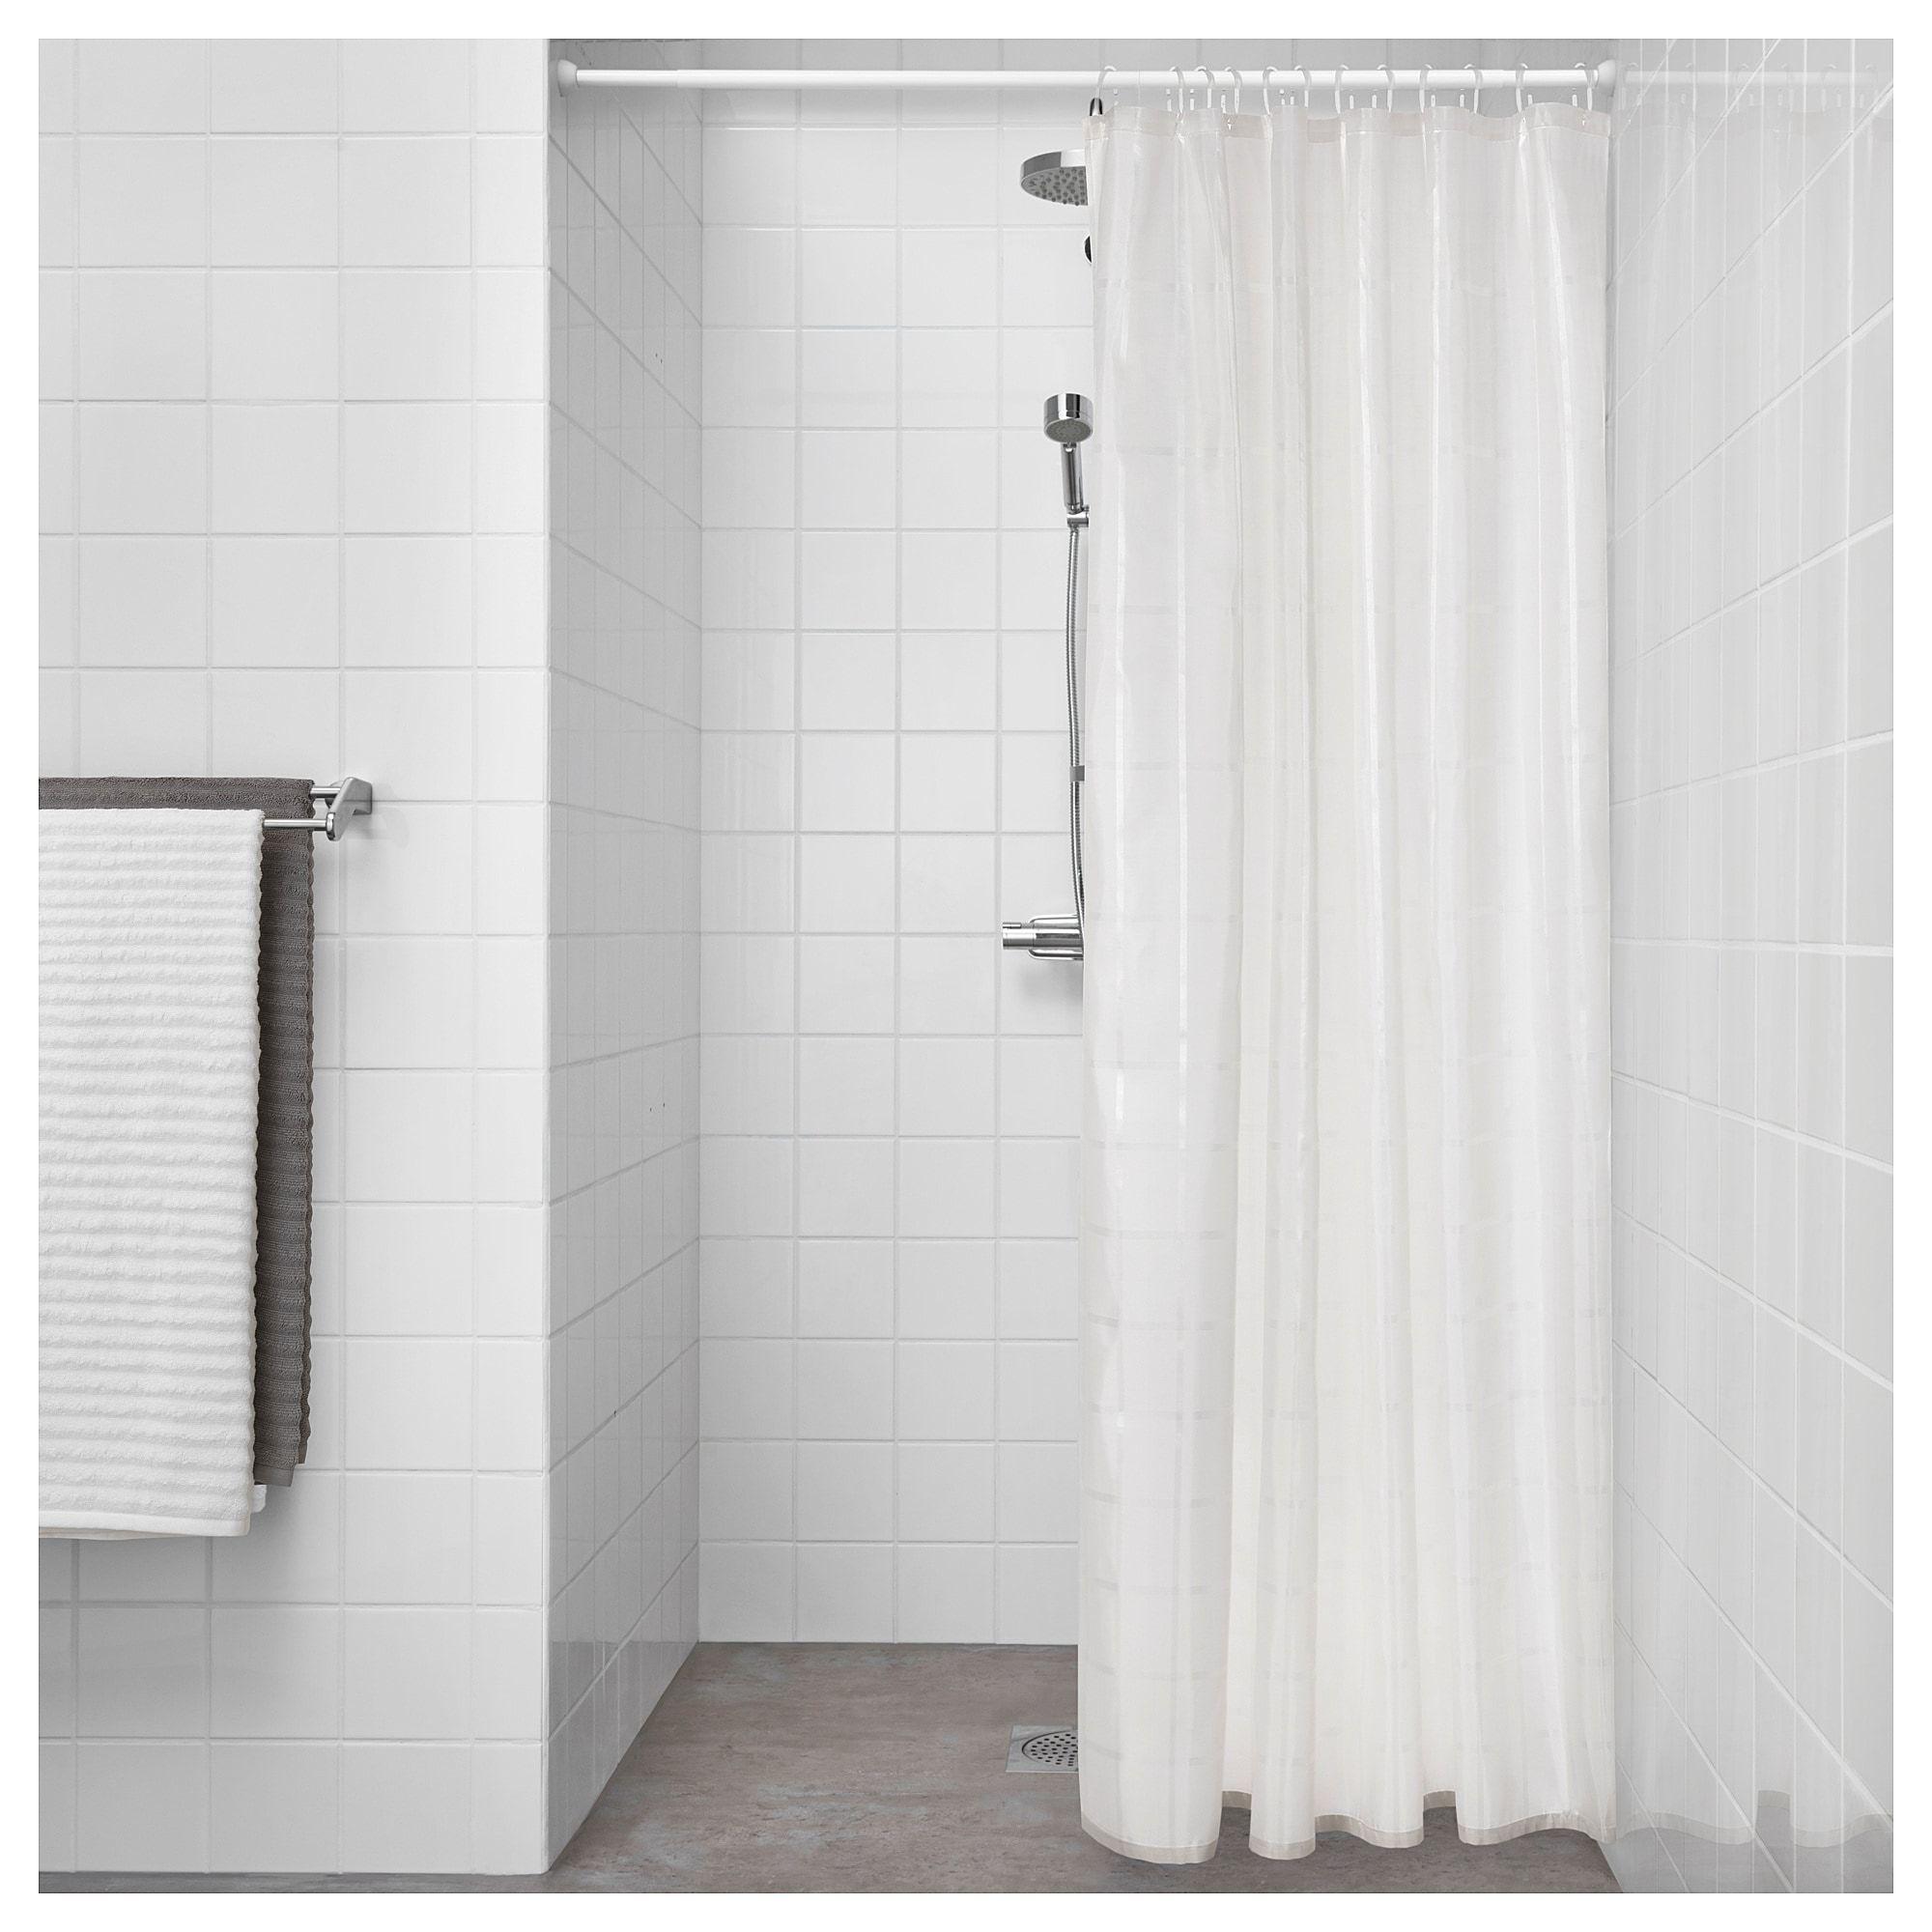 Klockaren Shower Curtain Off White 71x71 In 2020 Shower